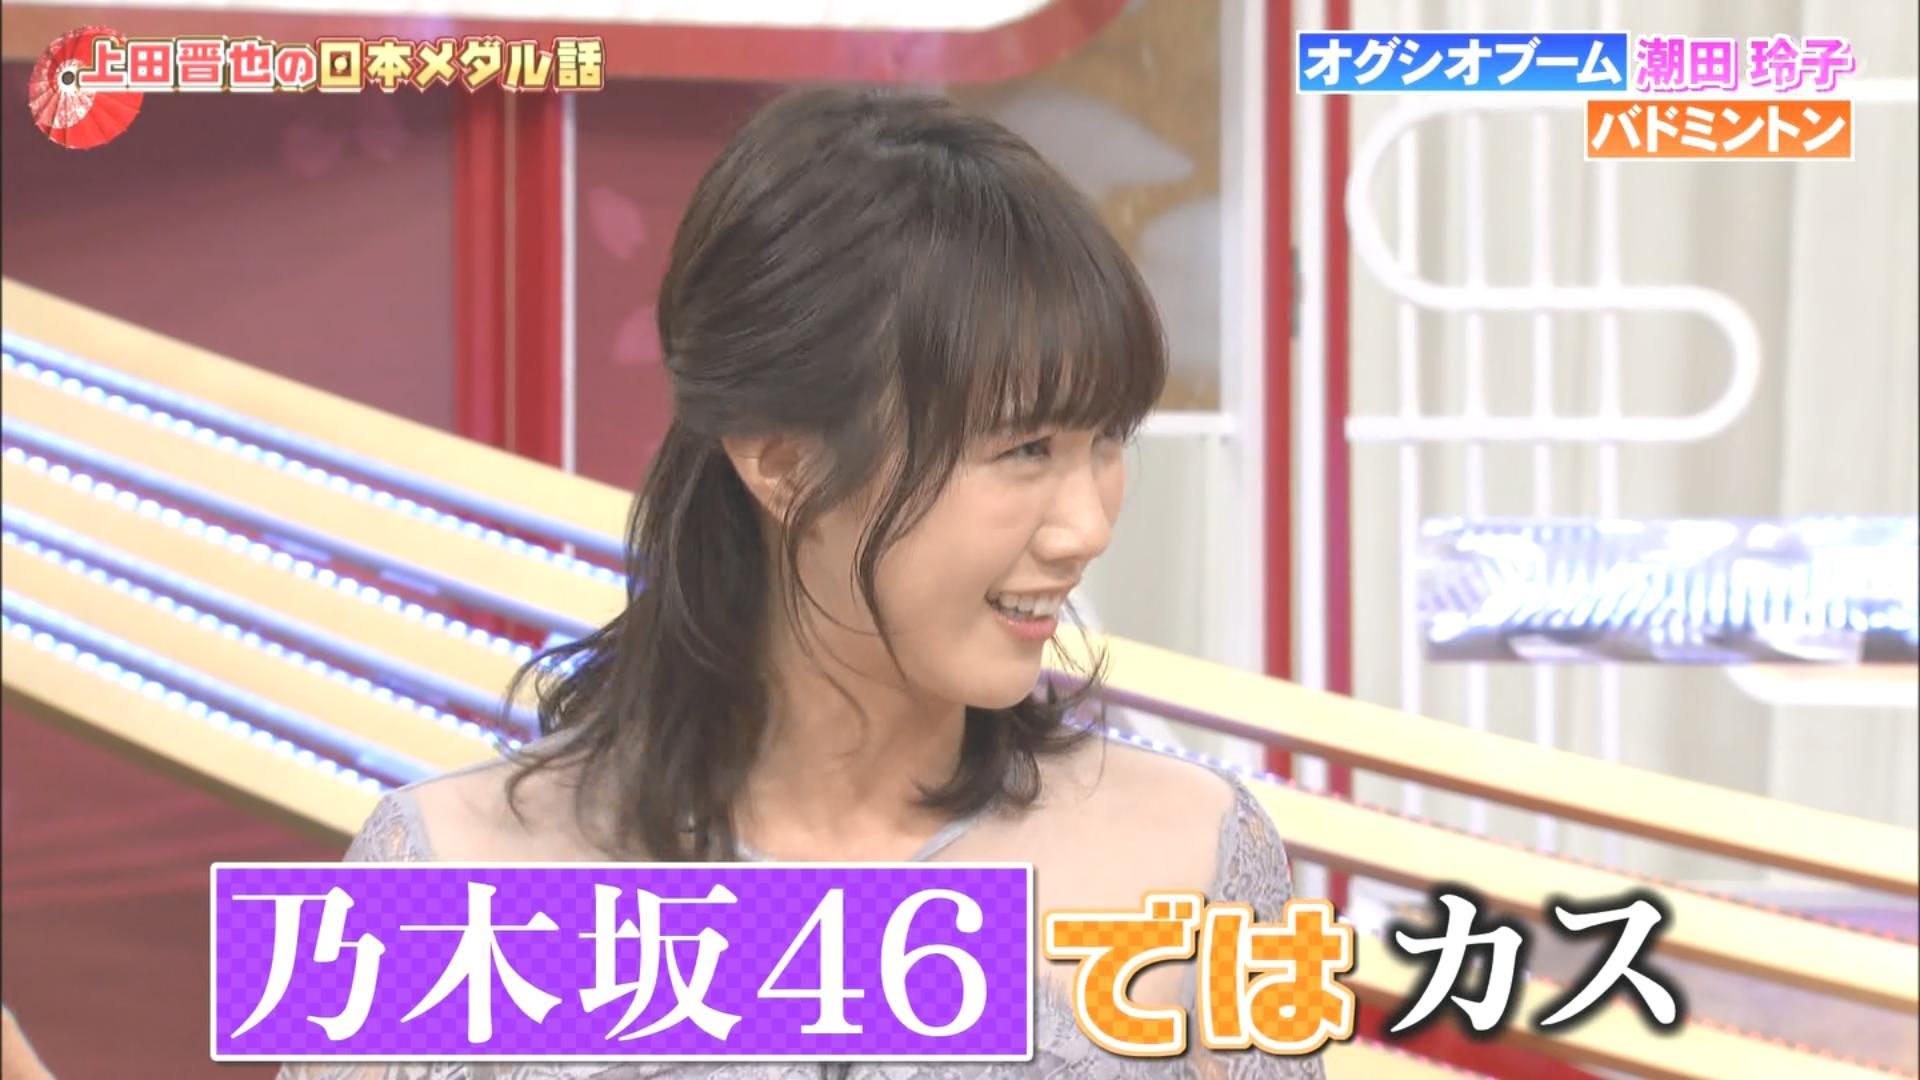 【日本メダル話】永島聖羅「写真集出したことない、乃木坂46ではカス」2